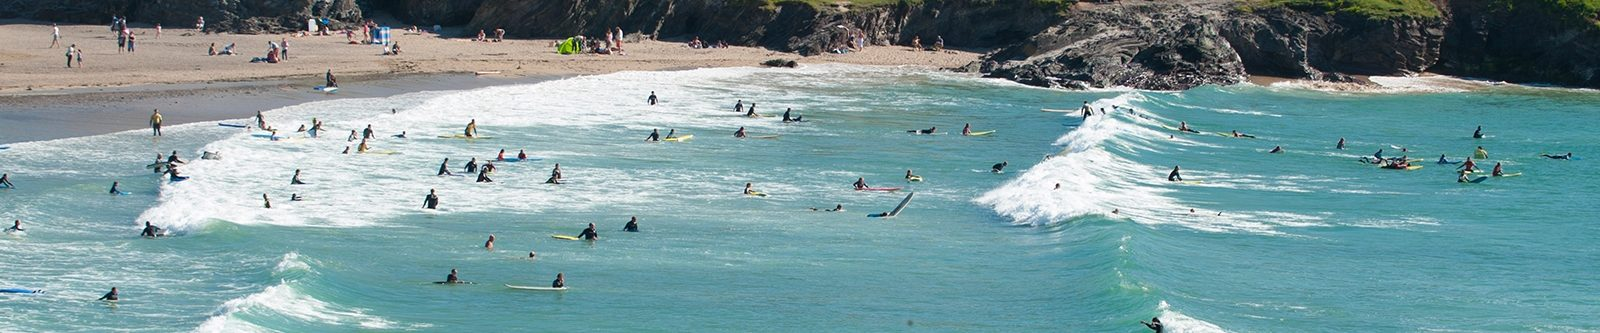 sea full of surfers